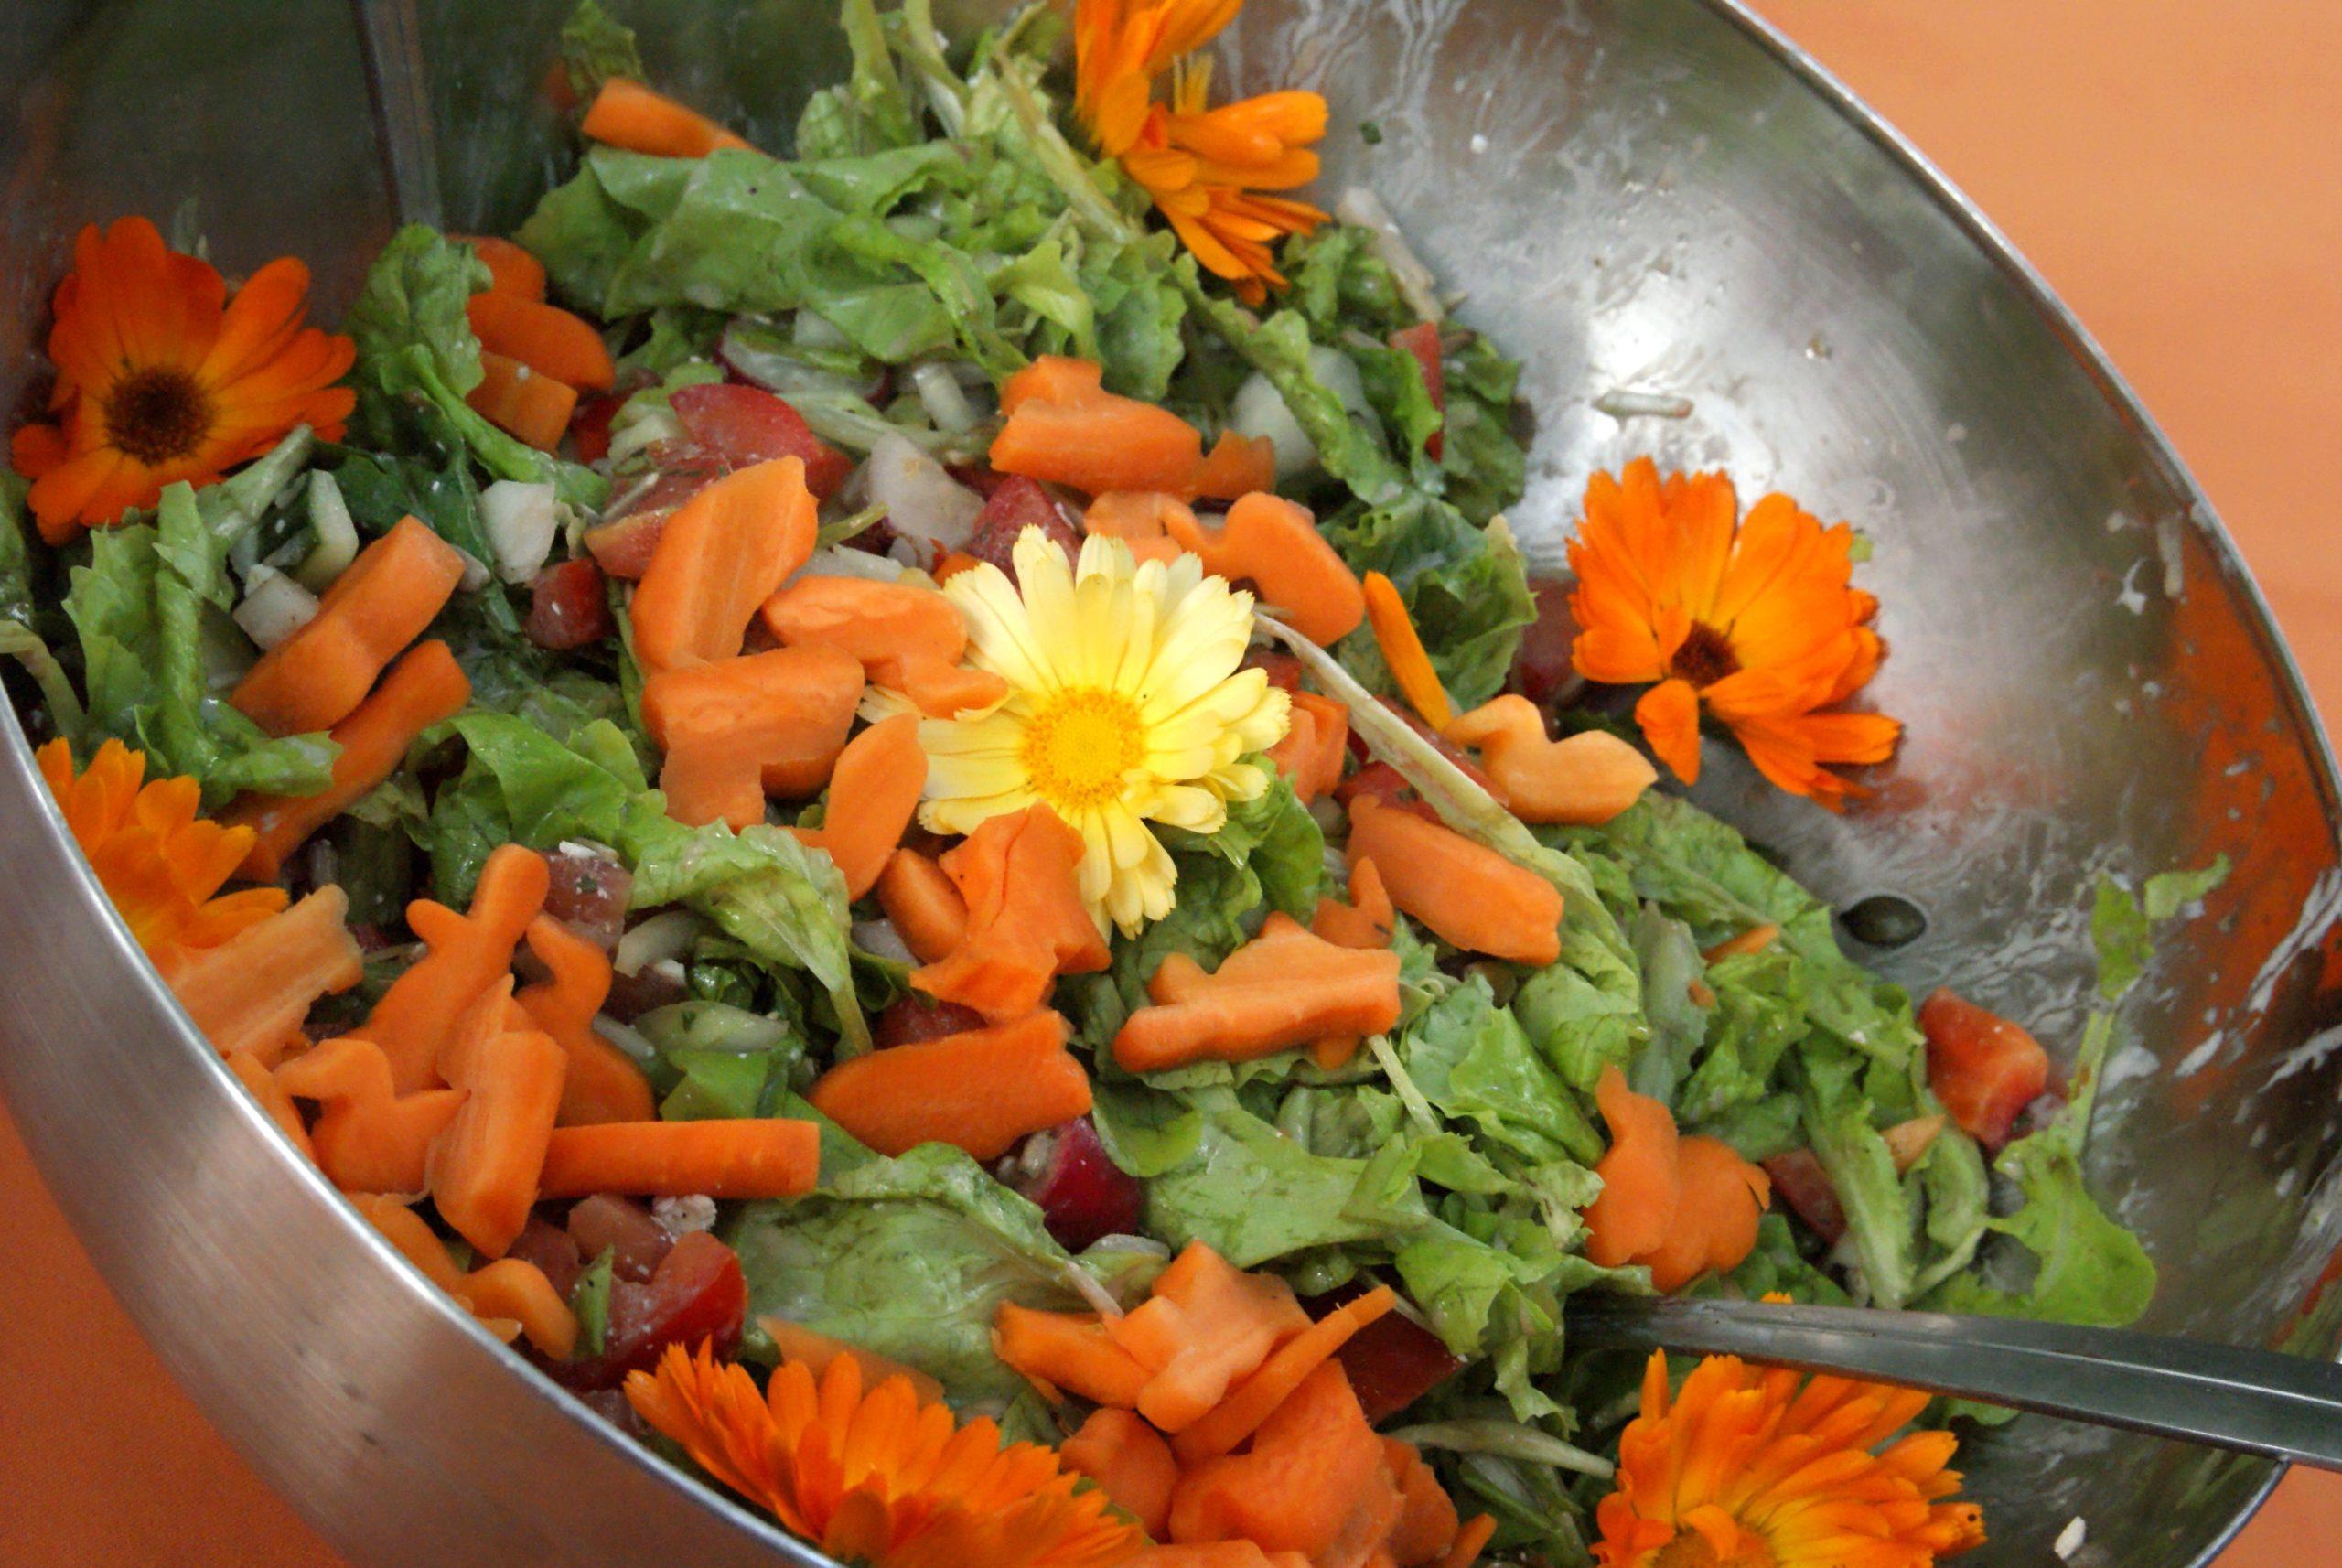 Gartenpiraten: Salat aus selbst geerntetem Gemüse